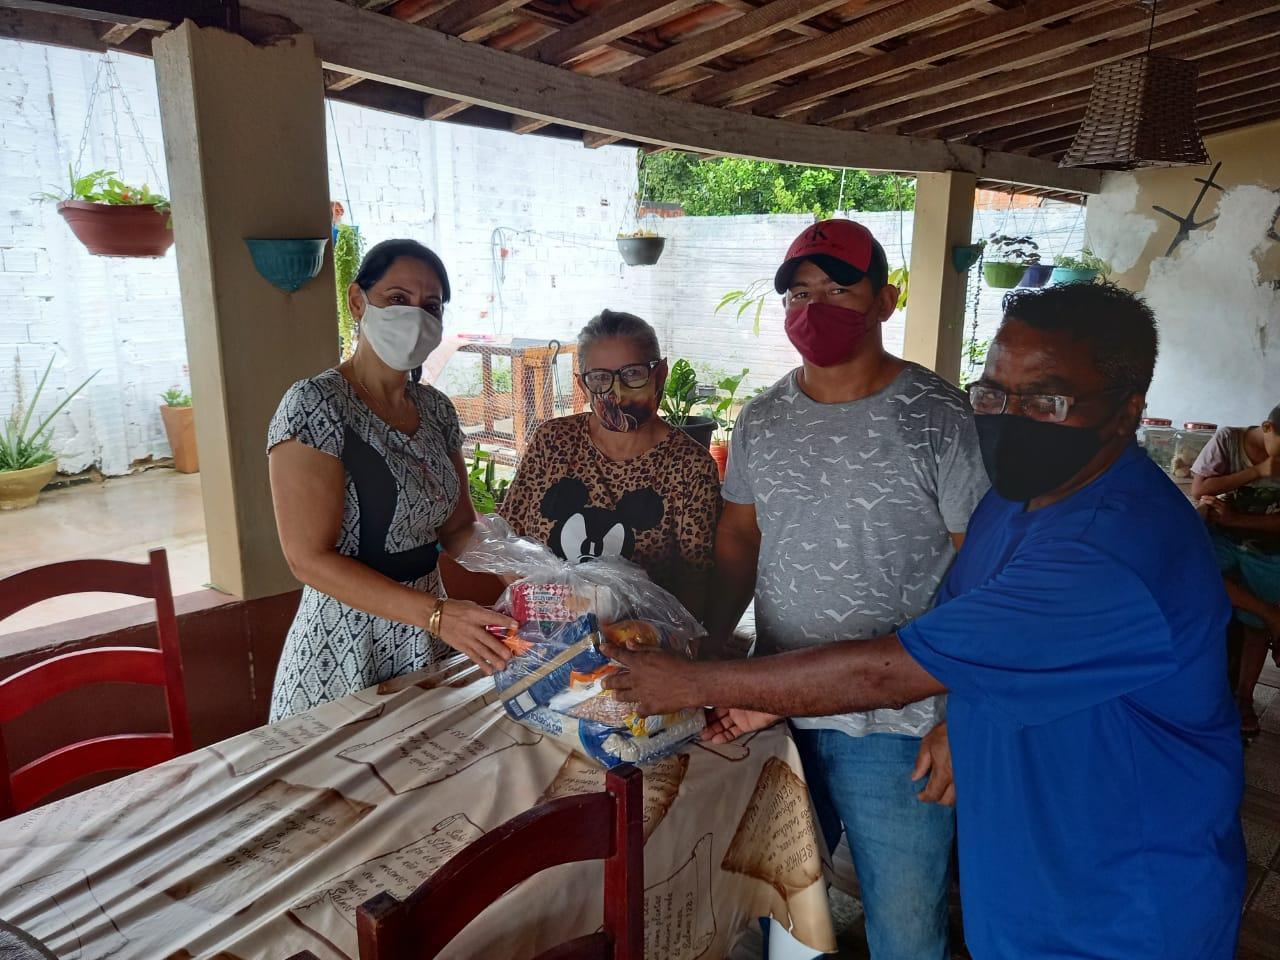 Primeira Dama entrega cestas básicas para segmentos religiosos em Ananás